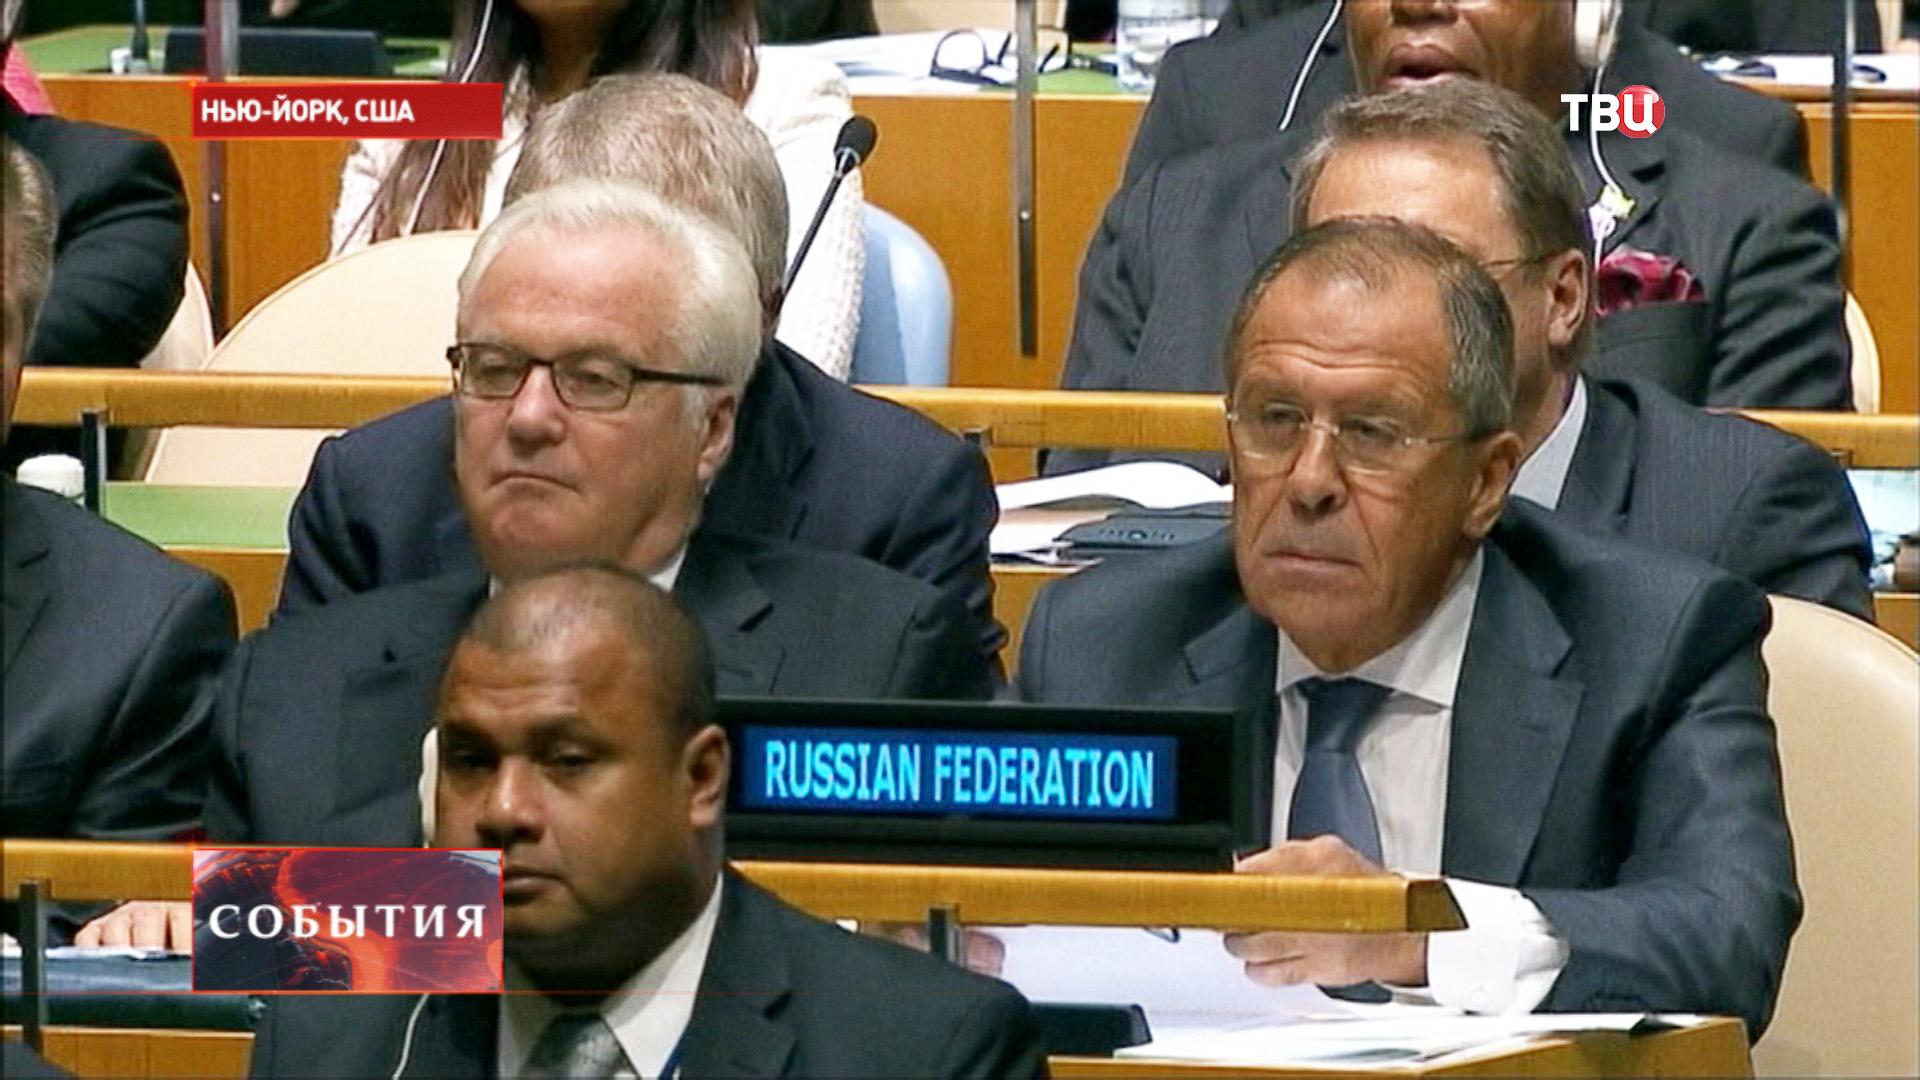 Сергей Лавров и Виталий Чуркин во время заседания ООН